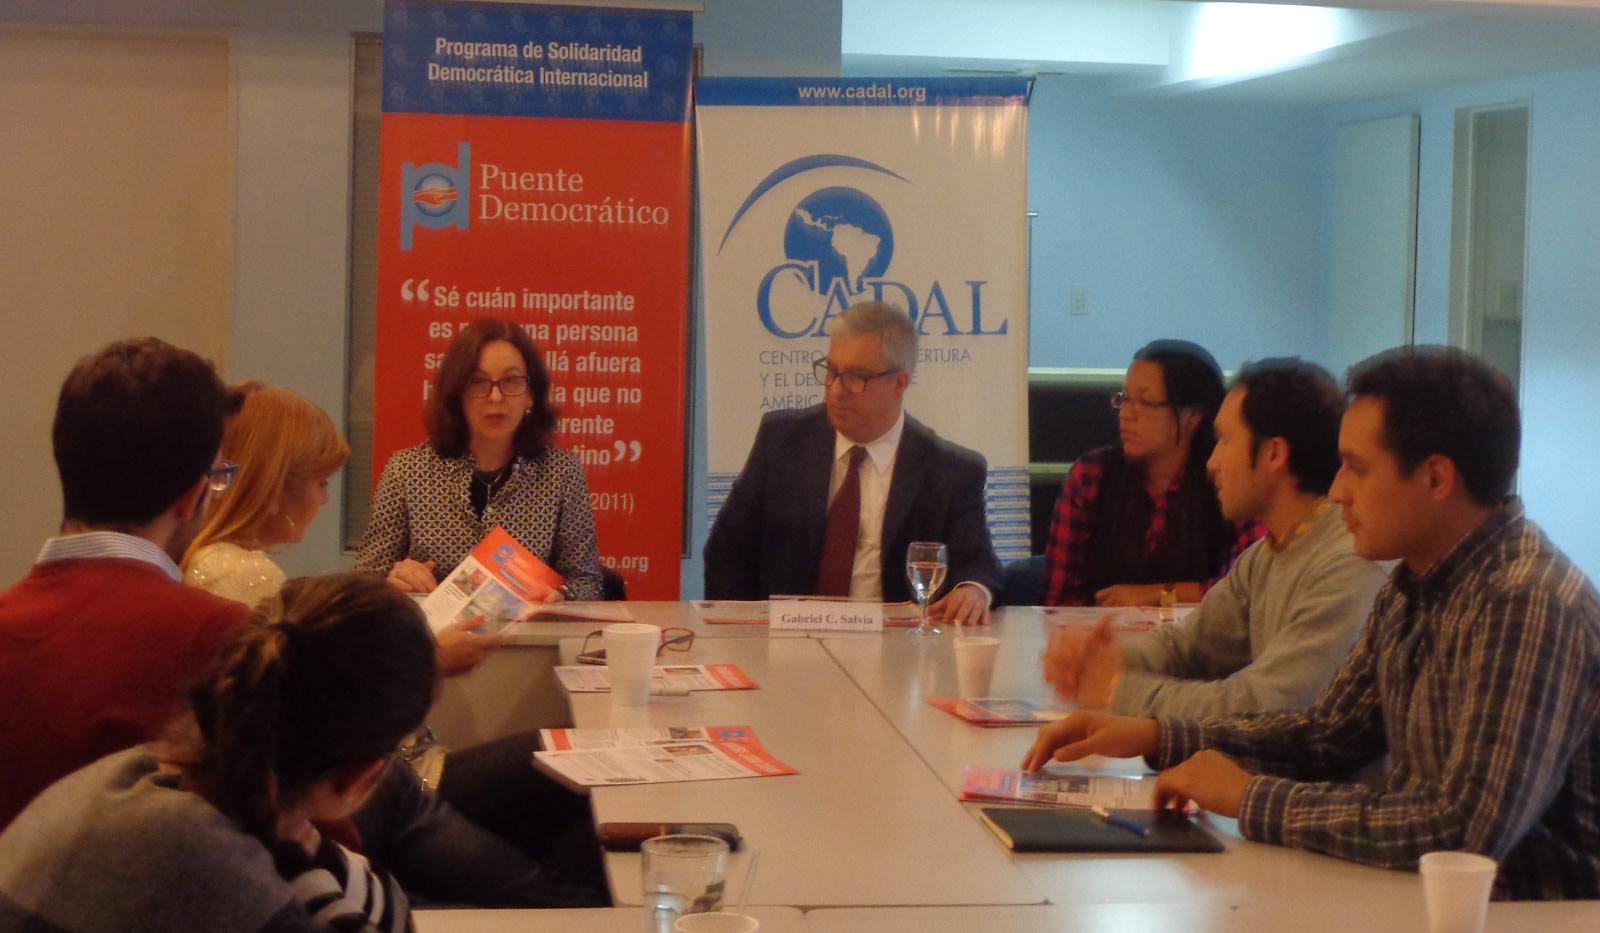 Presentación del Diálogo Latino Cubano